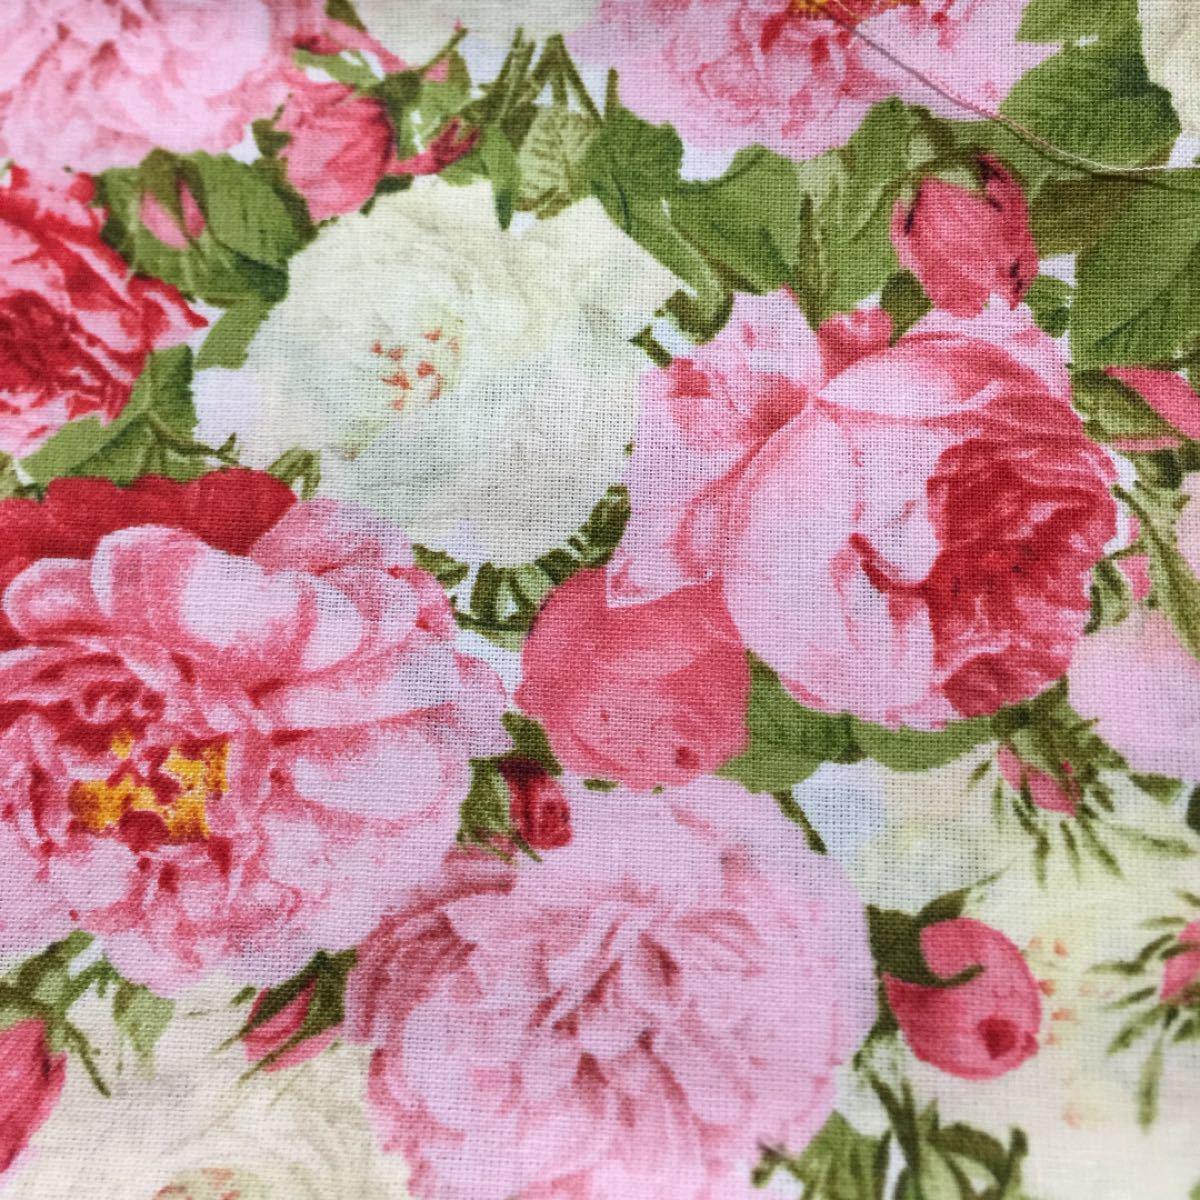 生地 ハギレ 布 バラ 薔薇 花柄 50cm ヨーロピアンローズ ピンク